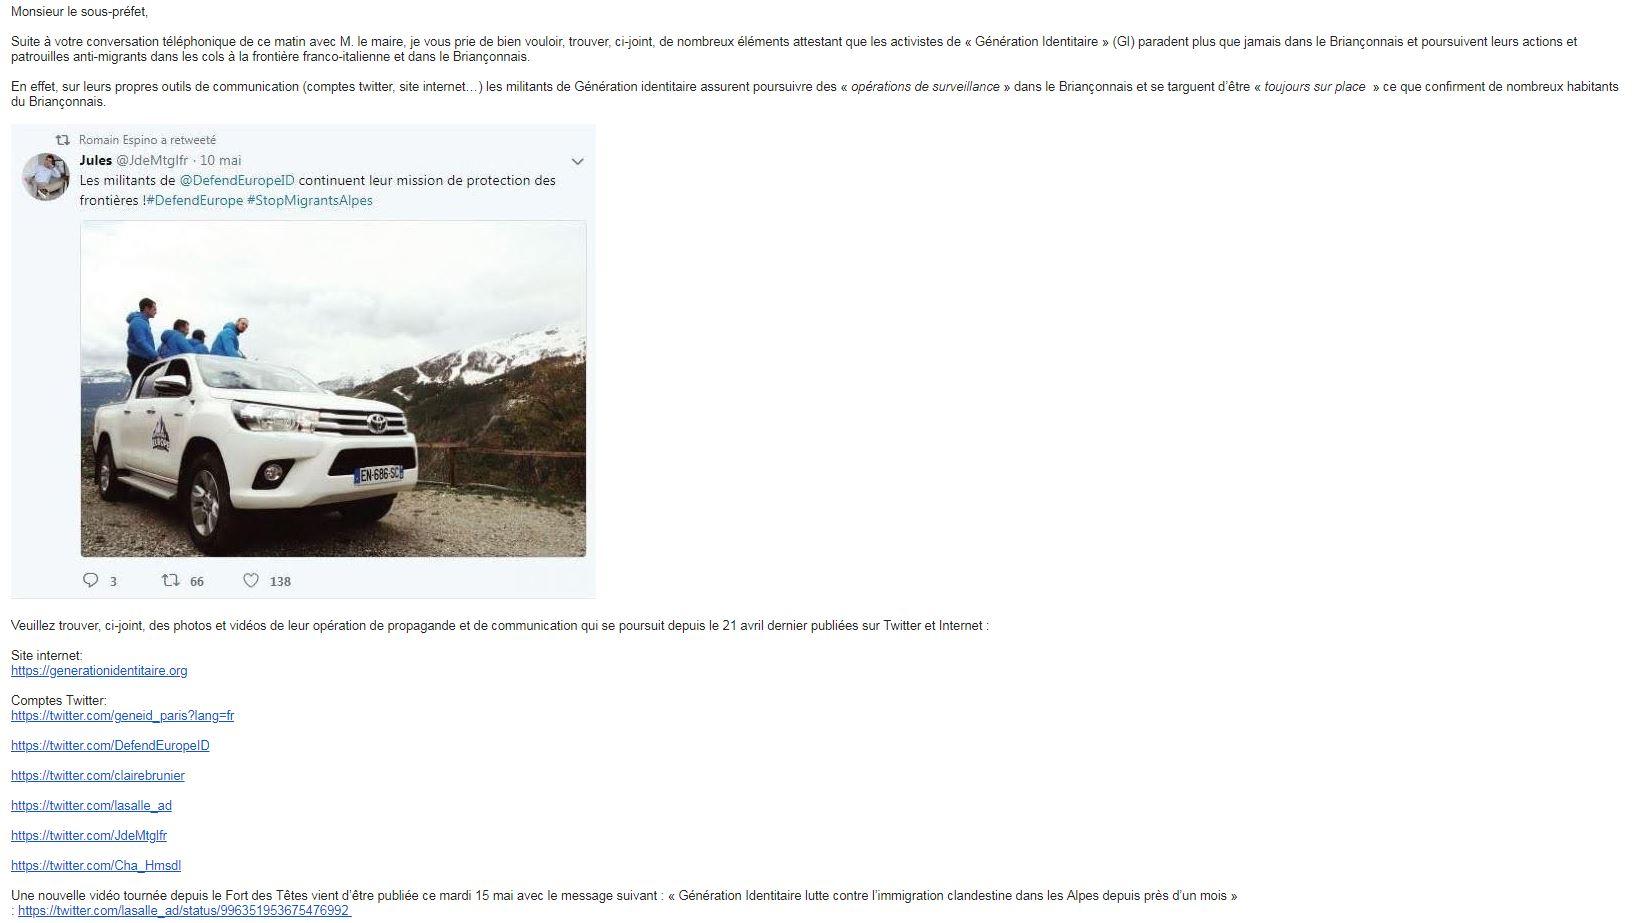 Le maire de Briançon dénonce les actions de\